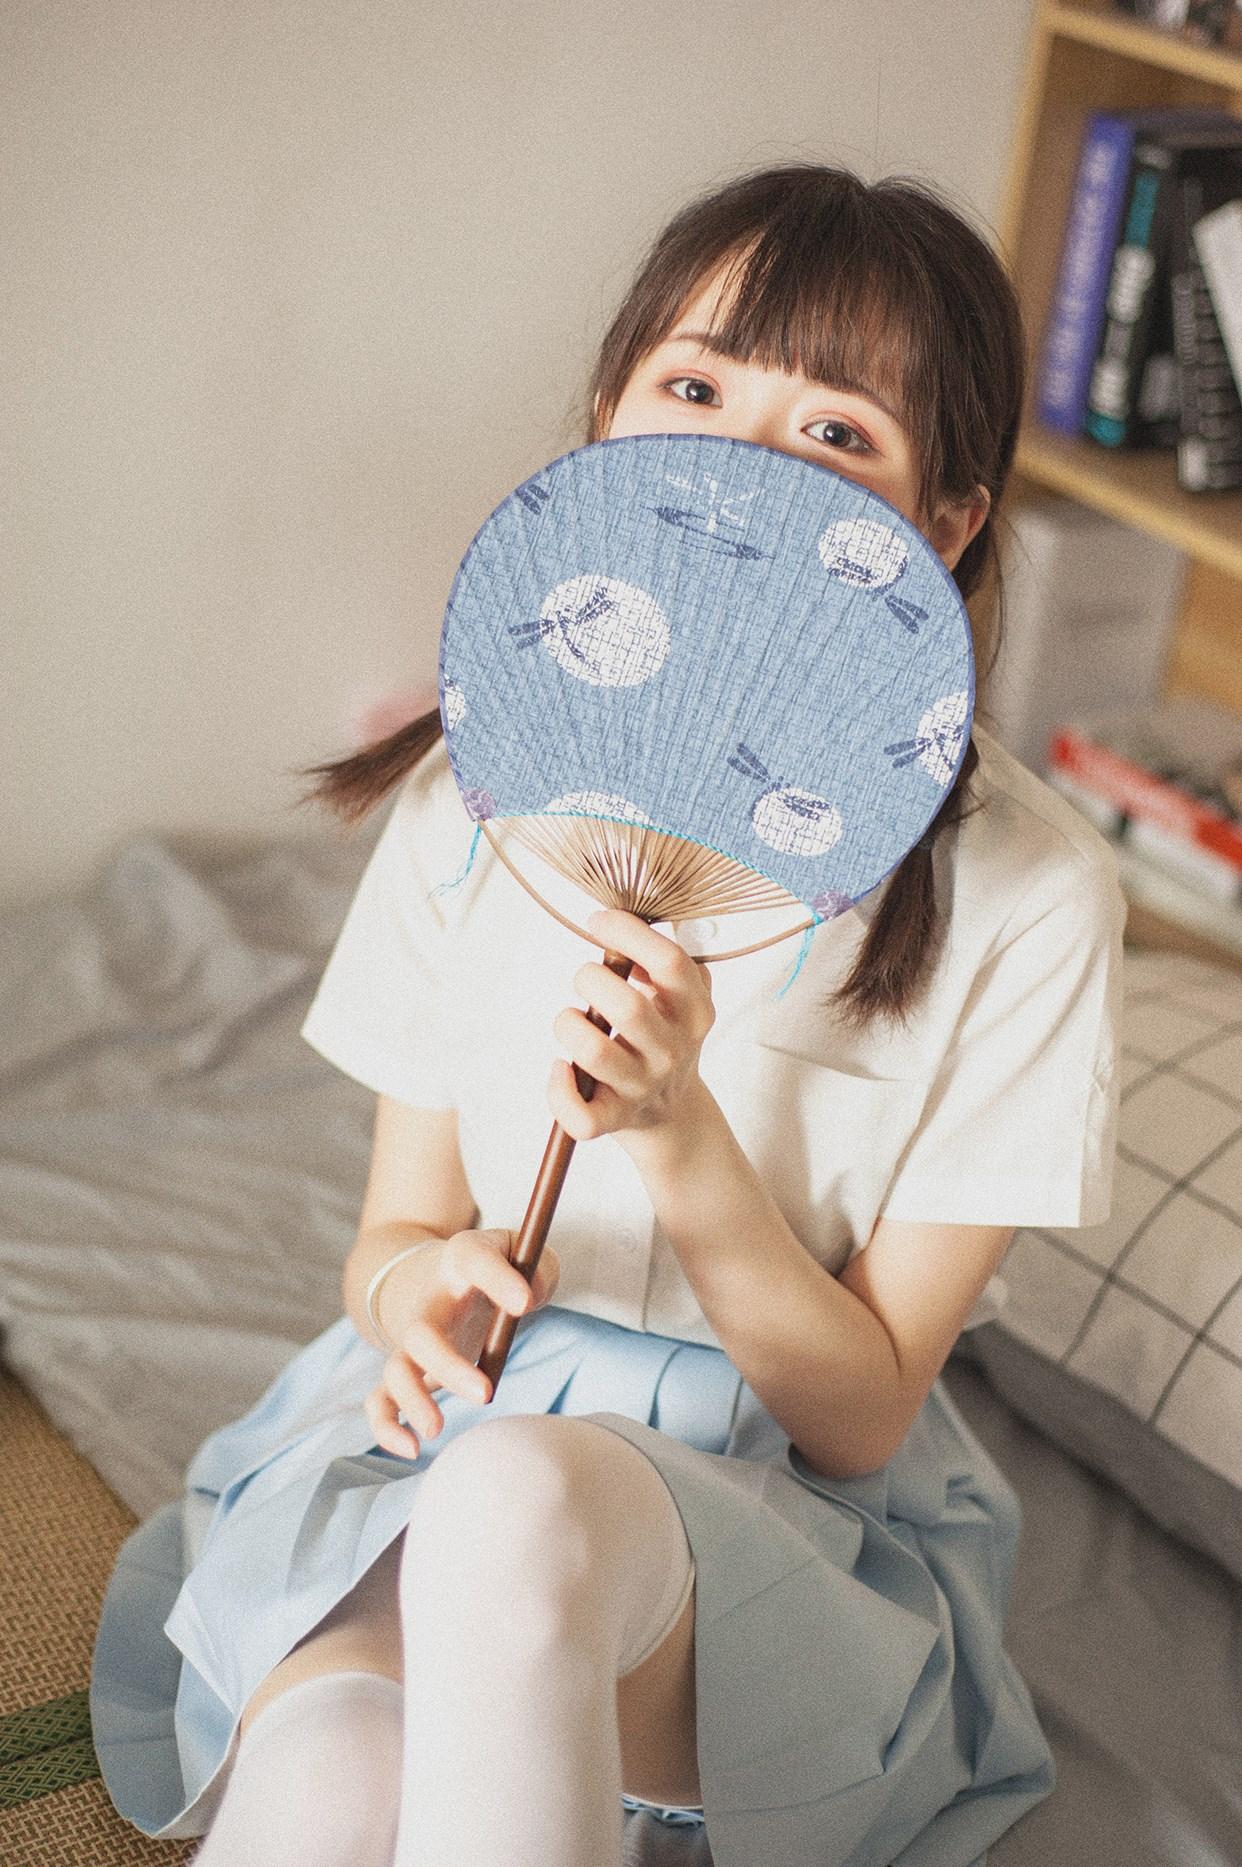 【兔玩映画】夏天的小裙子 兔玩映画 第22张